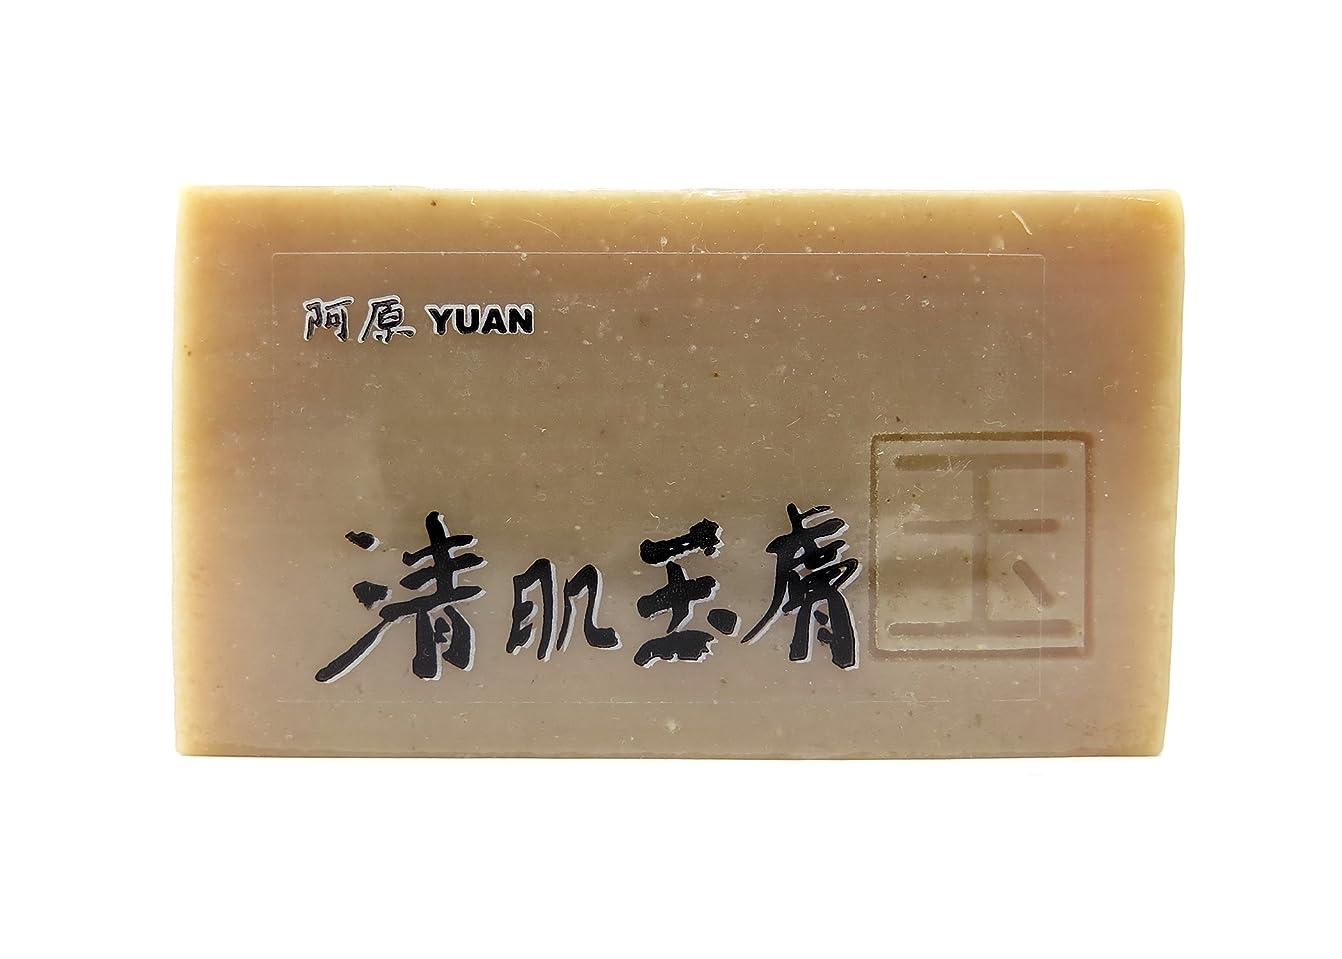 スタジアム払い戻しブレイズユアン(YUAN) 清玉(せいぎょく)ソープ 固形 100g (阿原 ユアンソープ)